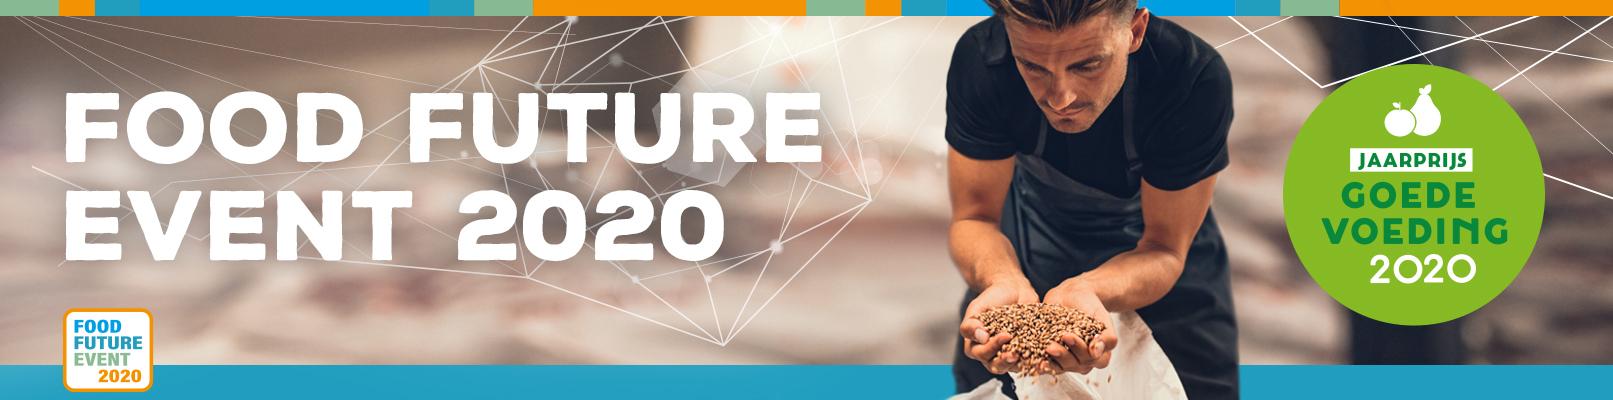 Food Future Event 2020